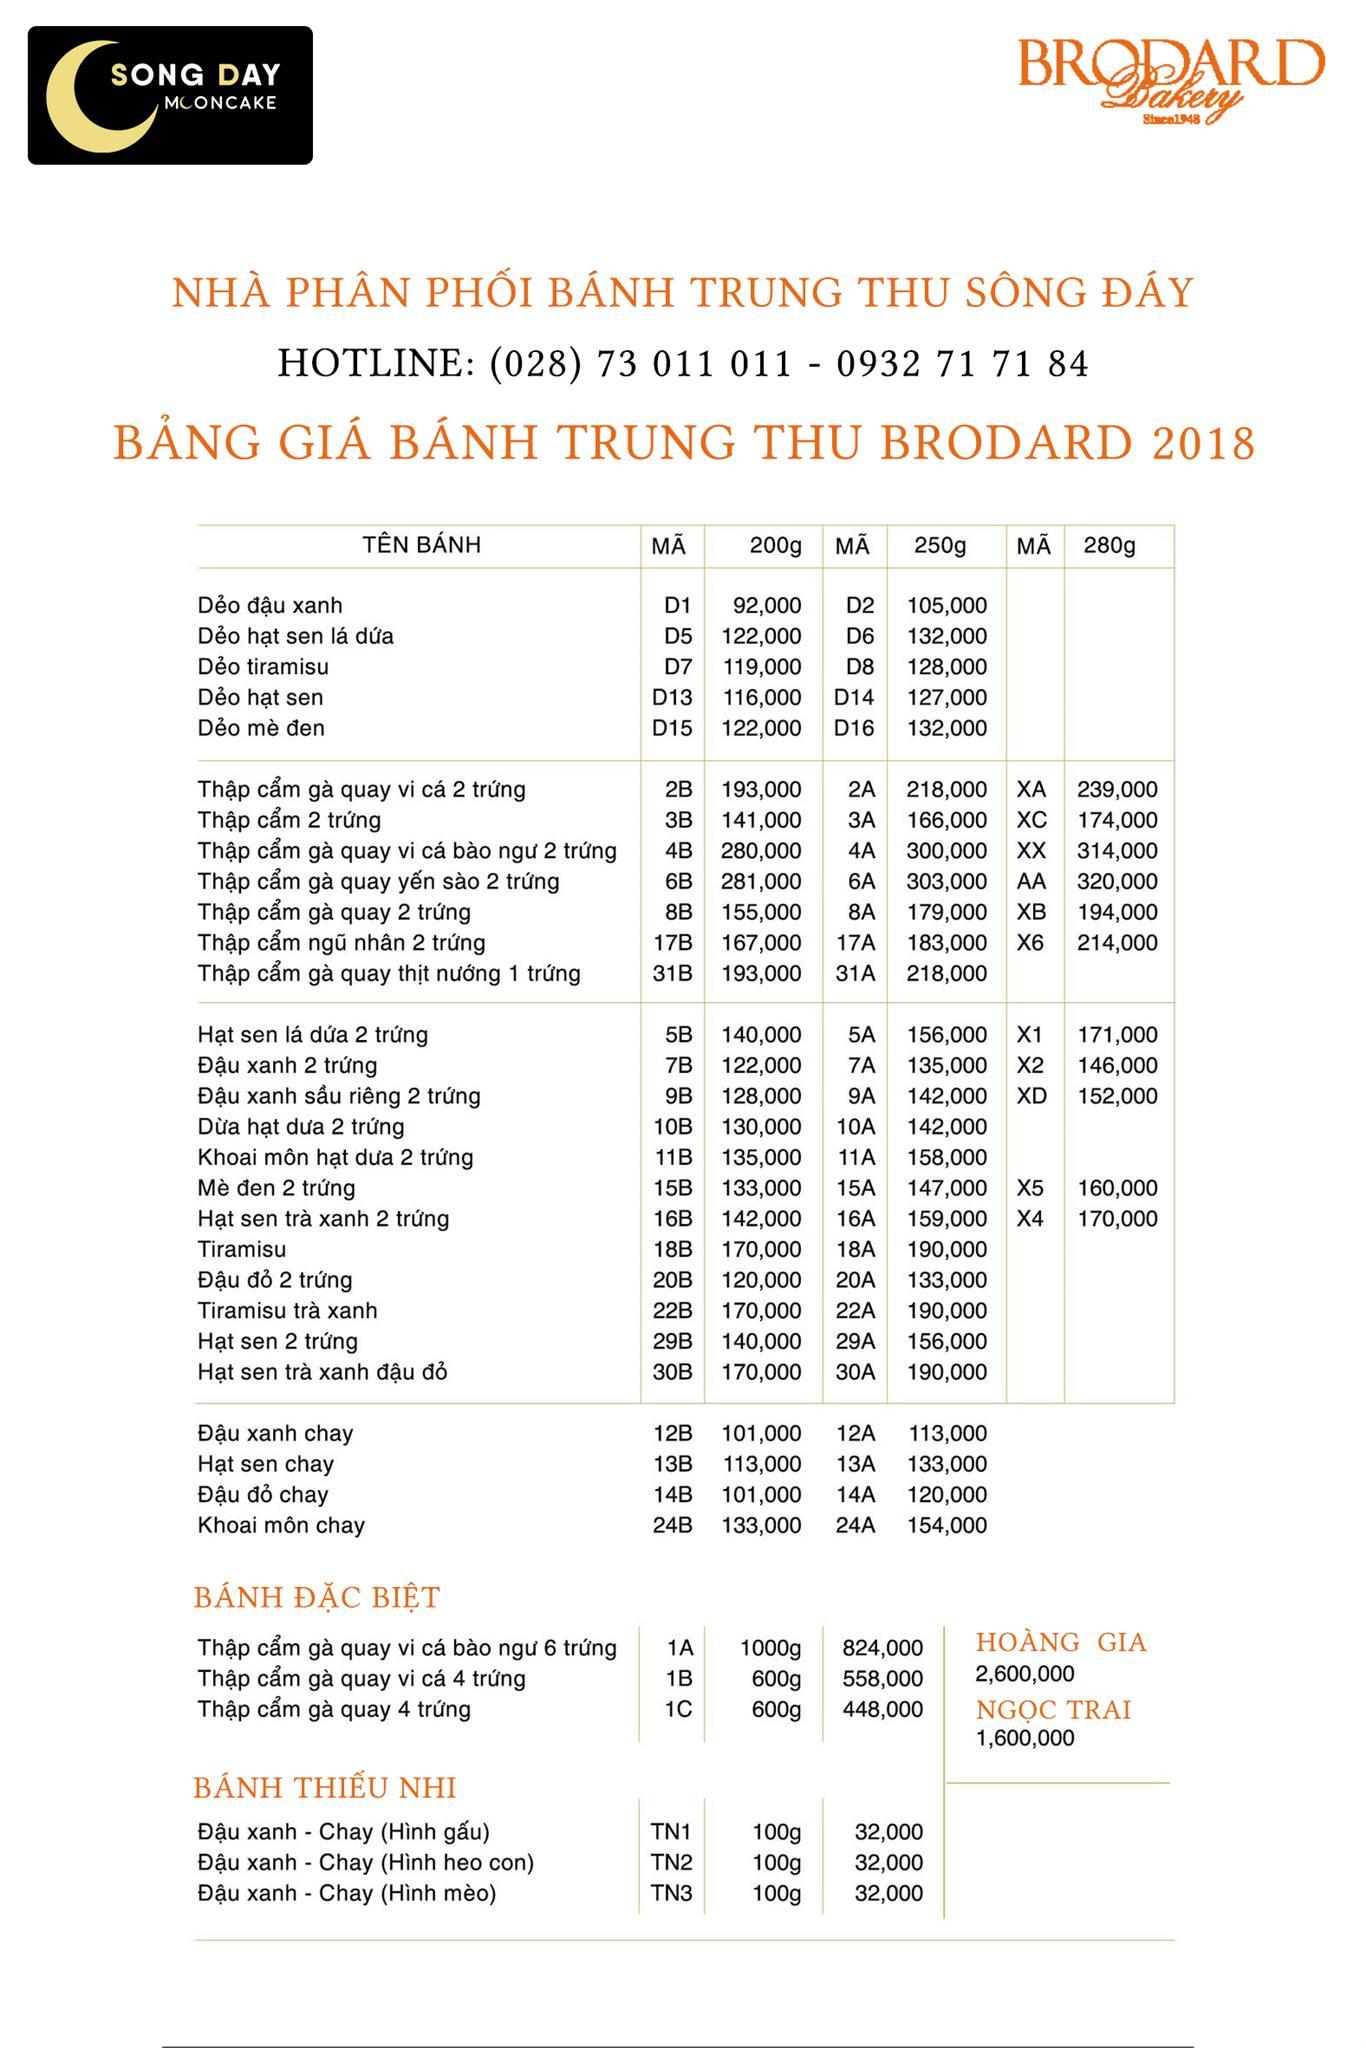 bảng báo giá bánh trung thu brodard 2018